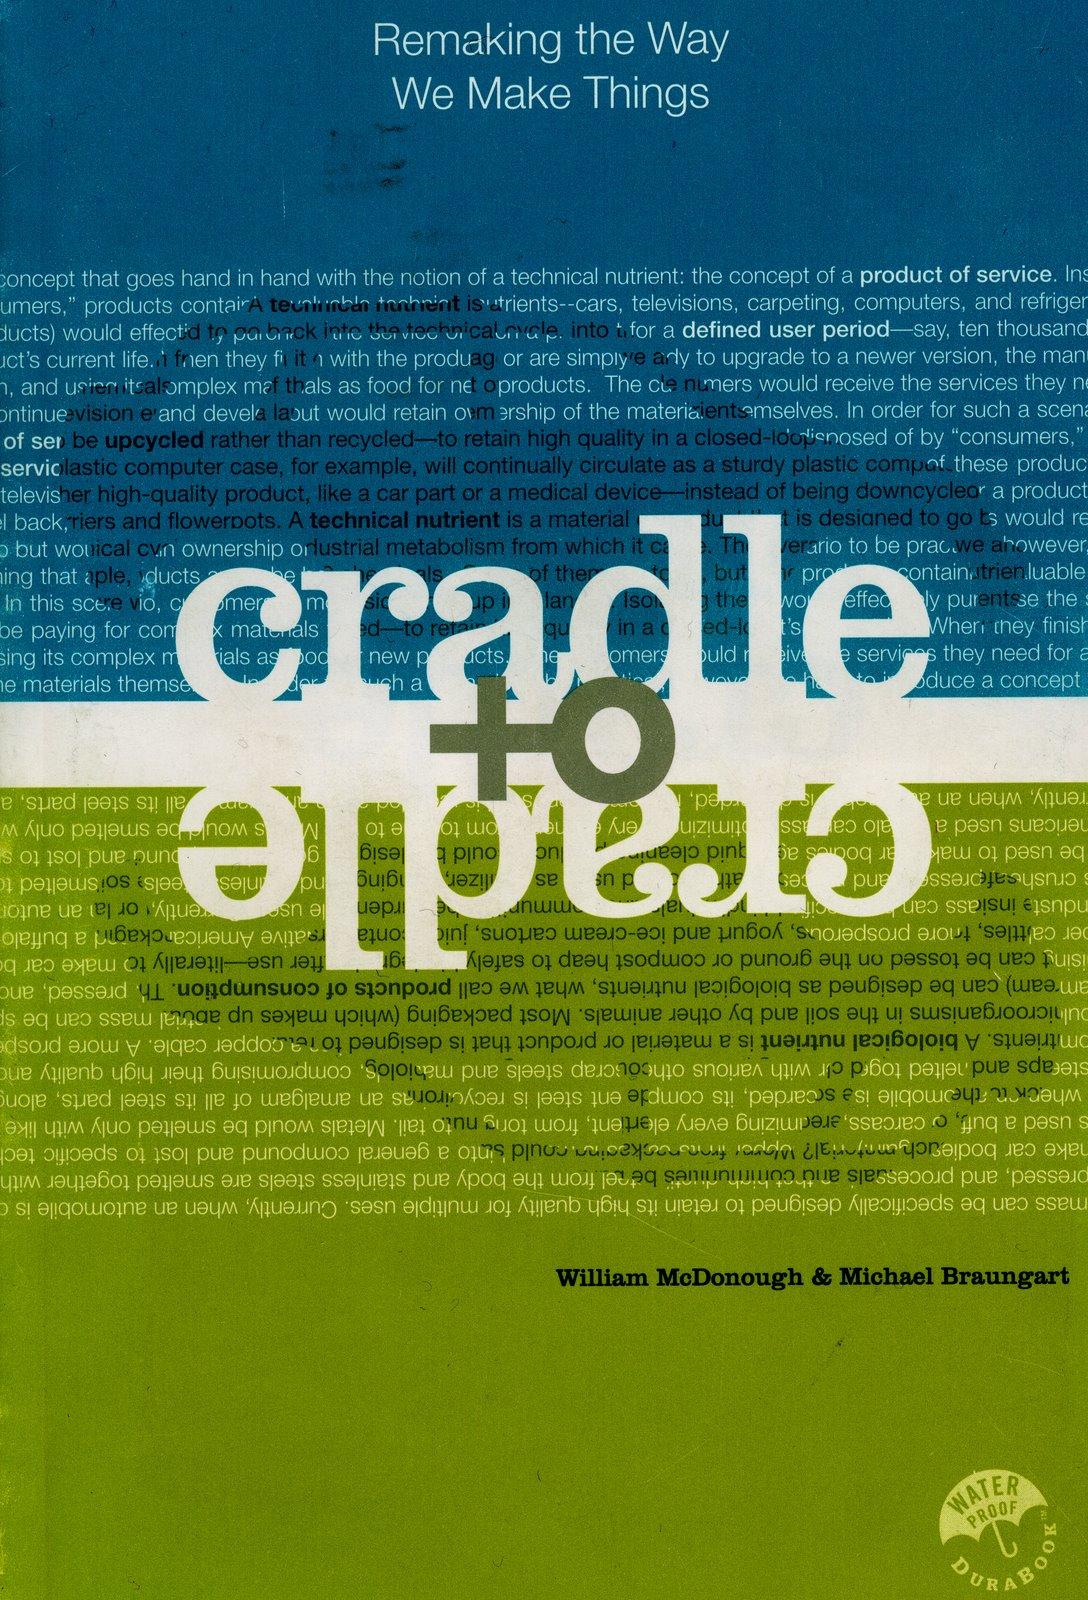 cradle-to-cradle.jpg